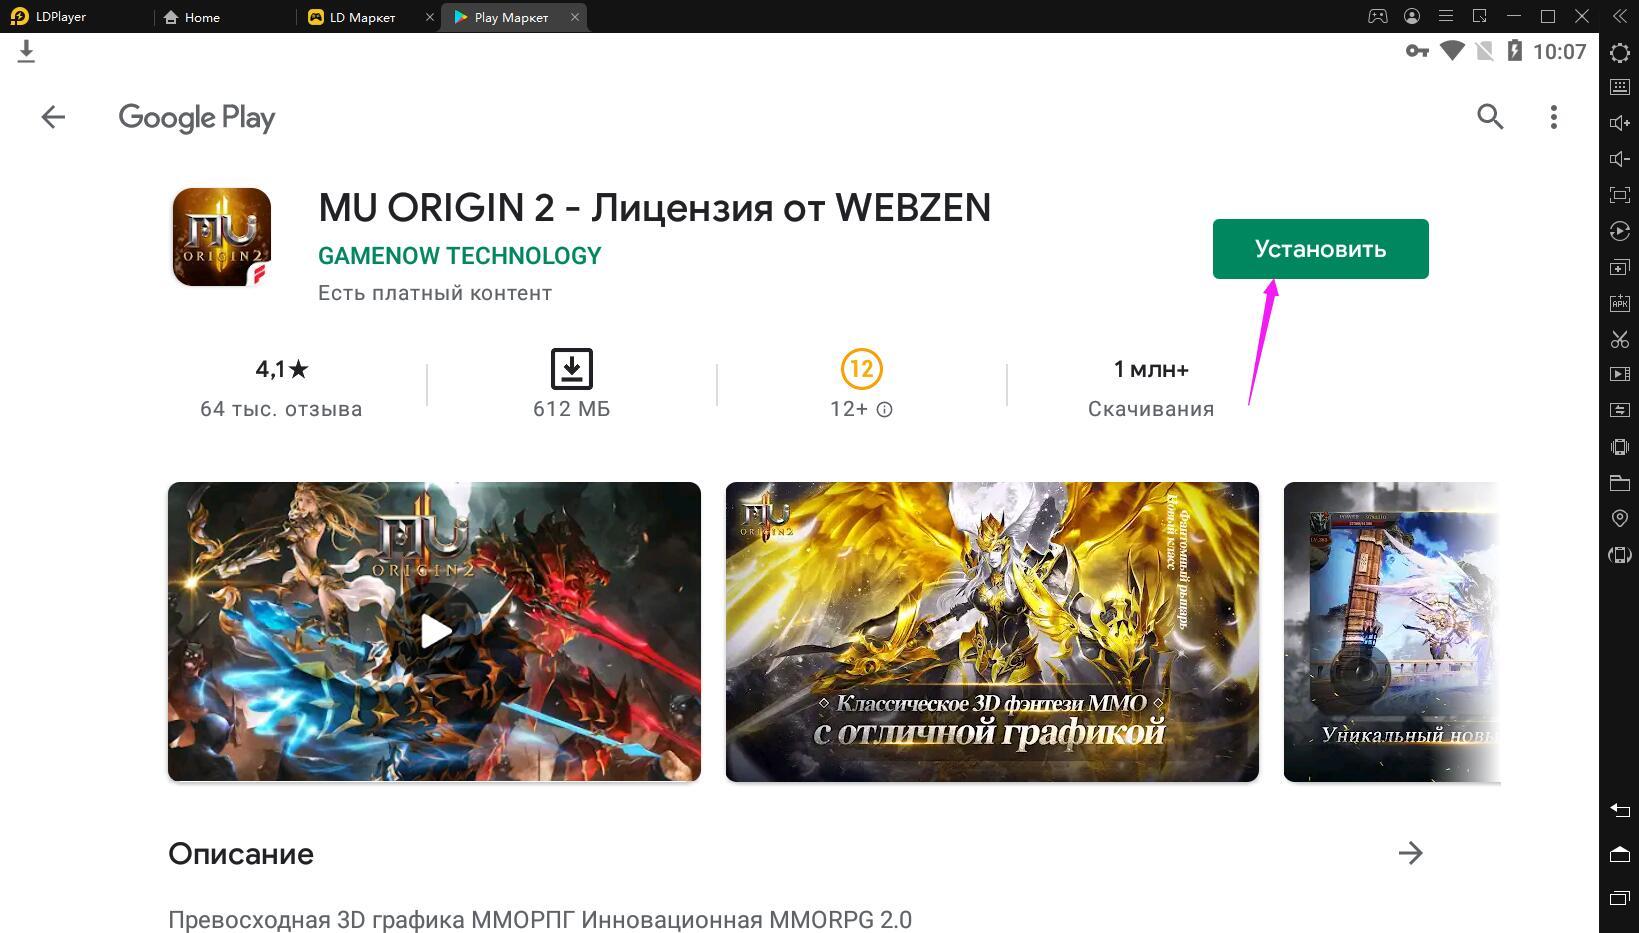 Играть в «MU ORIGIN 2 - Лицензия от WEBZEN» бесплатно на пк